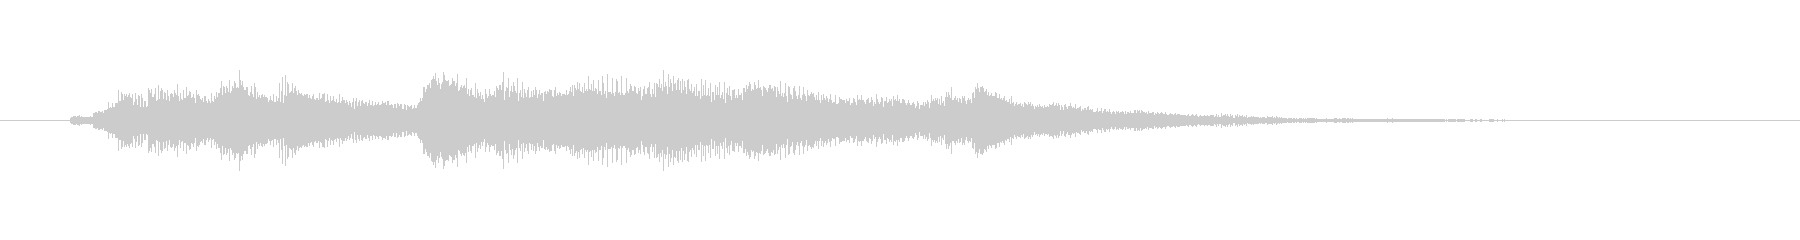 優しいイメージのオーケストラジングルの未再生の波形